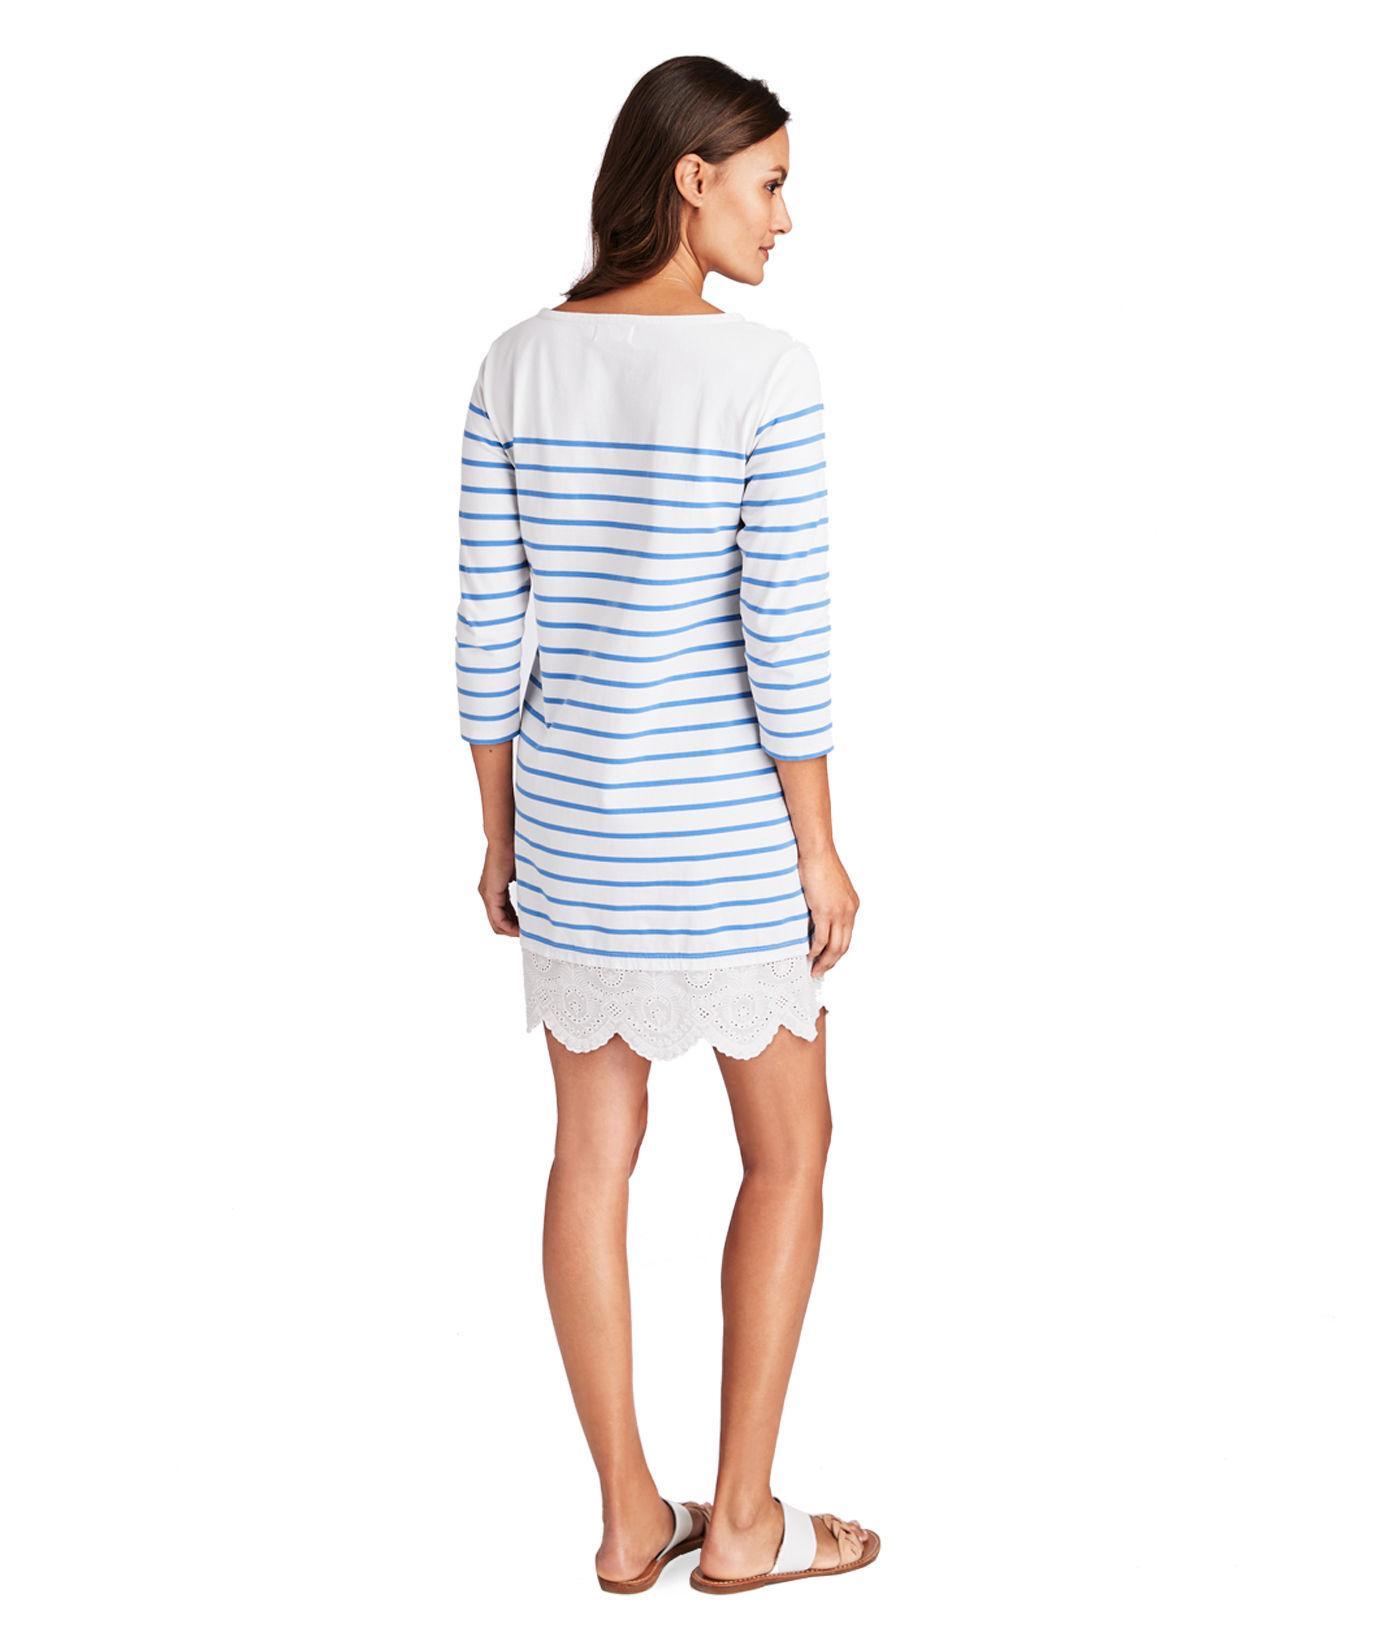 e77e7205965 Lyst - Vineyard Vines Long-sleeve Stripe Knit Lace Hem Dress in Blue